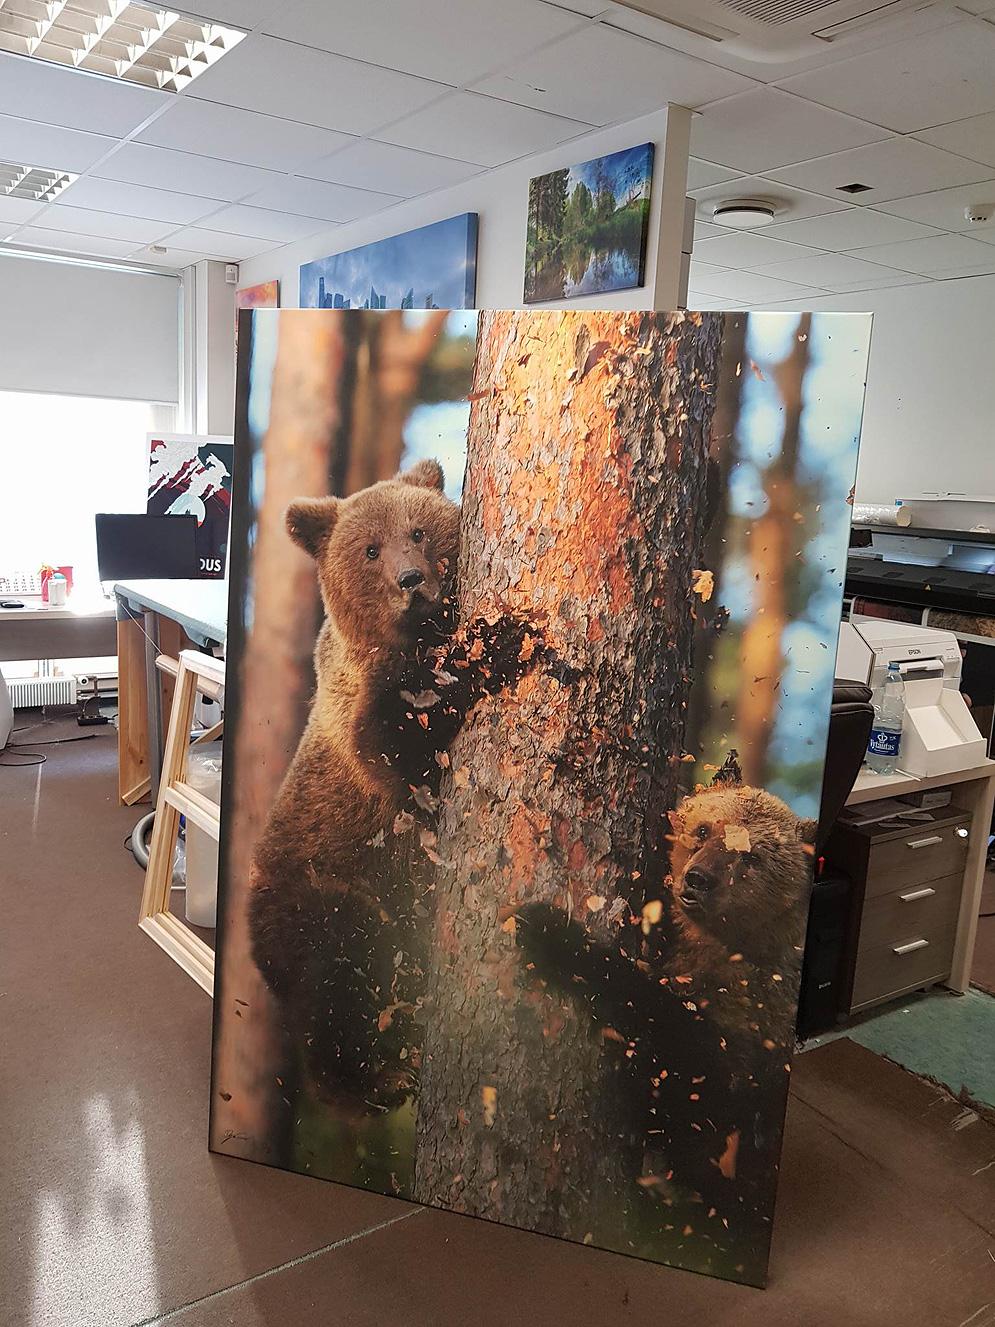 180x120cm Pro fineart lõuend puidust alusraamil.